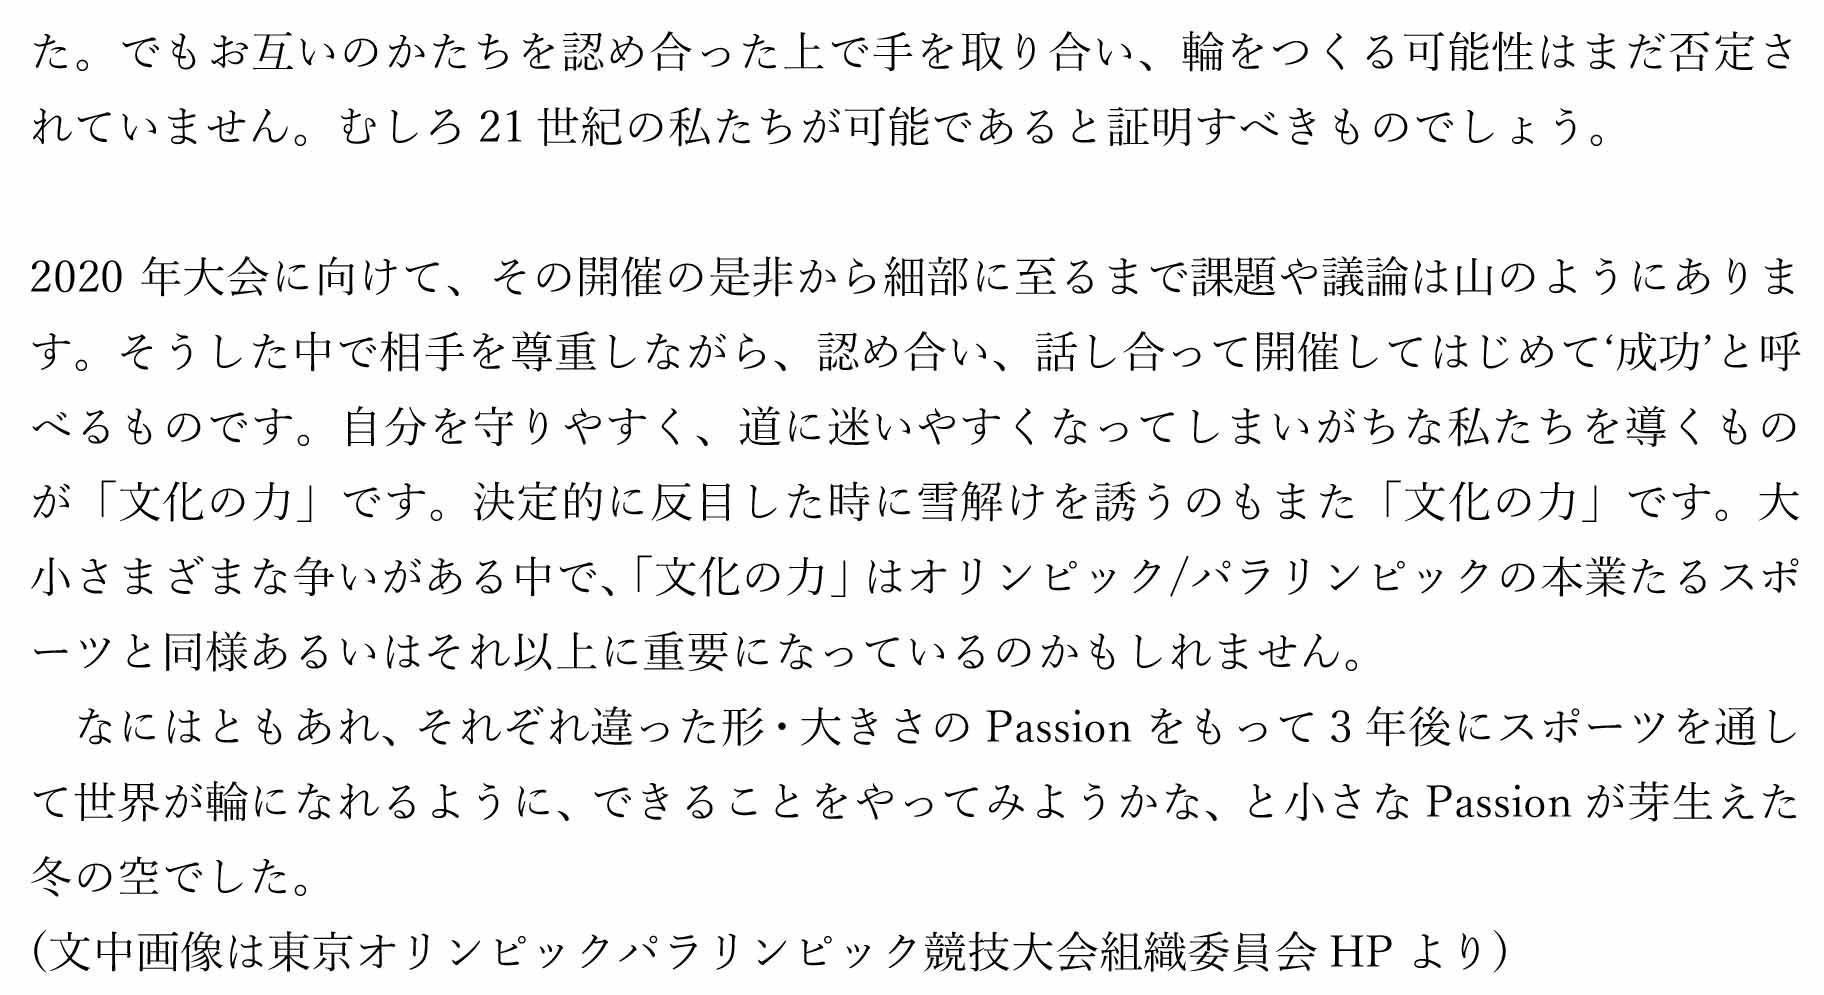 http://bunp.47news.jp/event/images/e_Passion_ono02.jpg